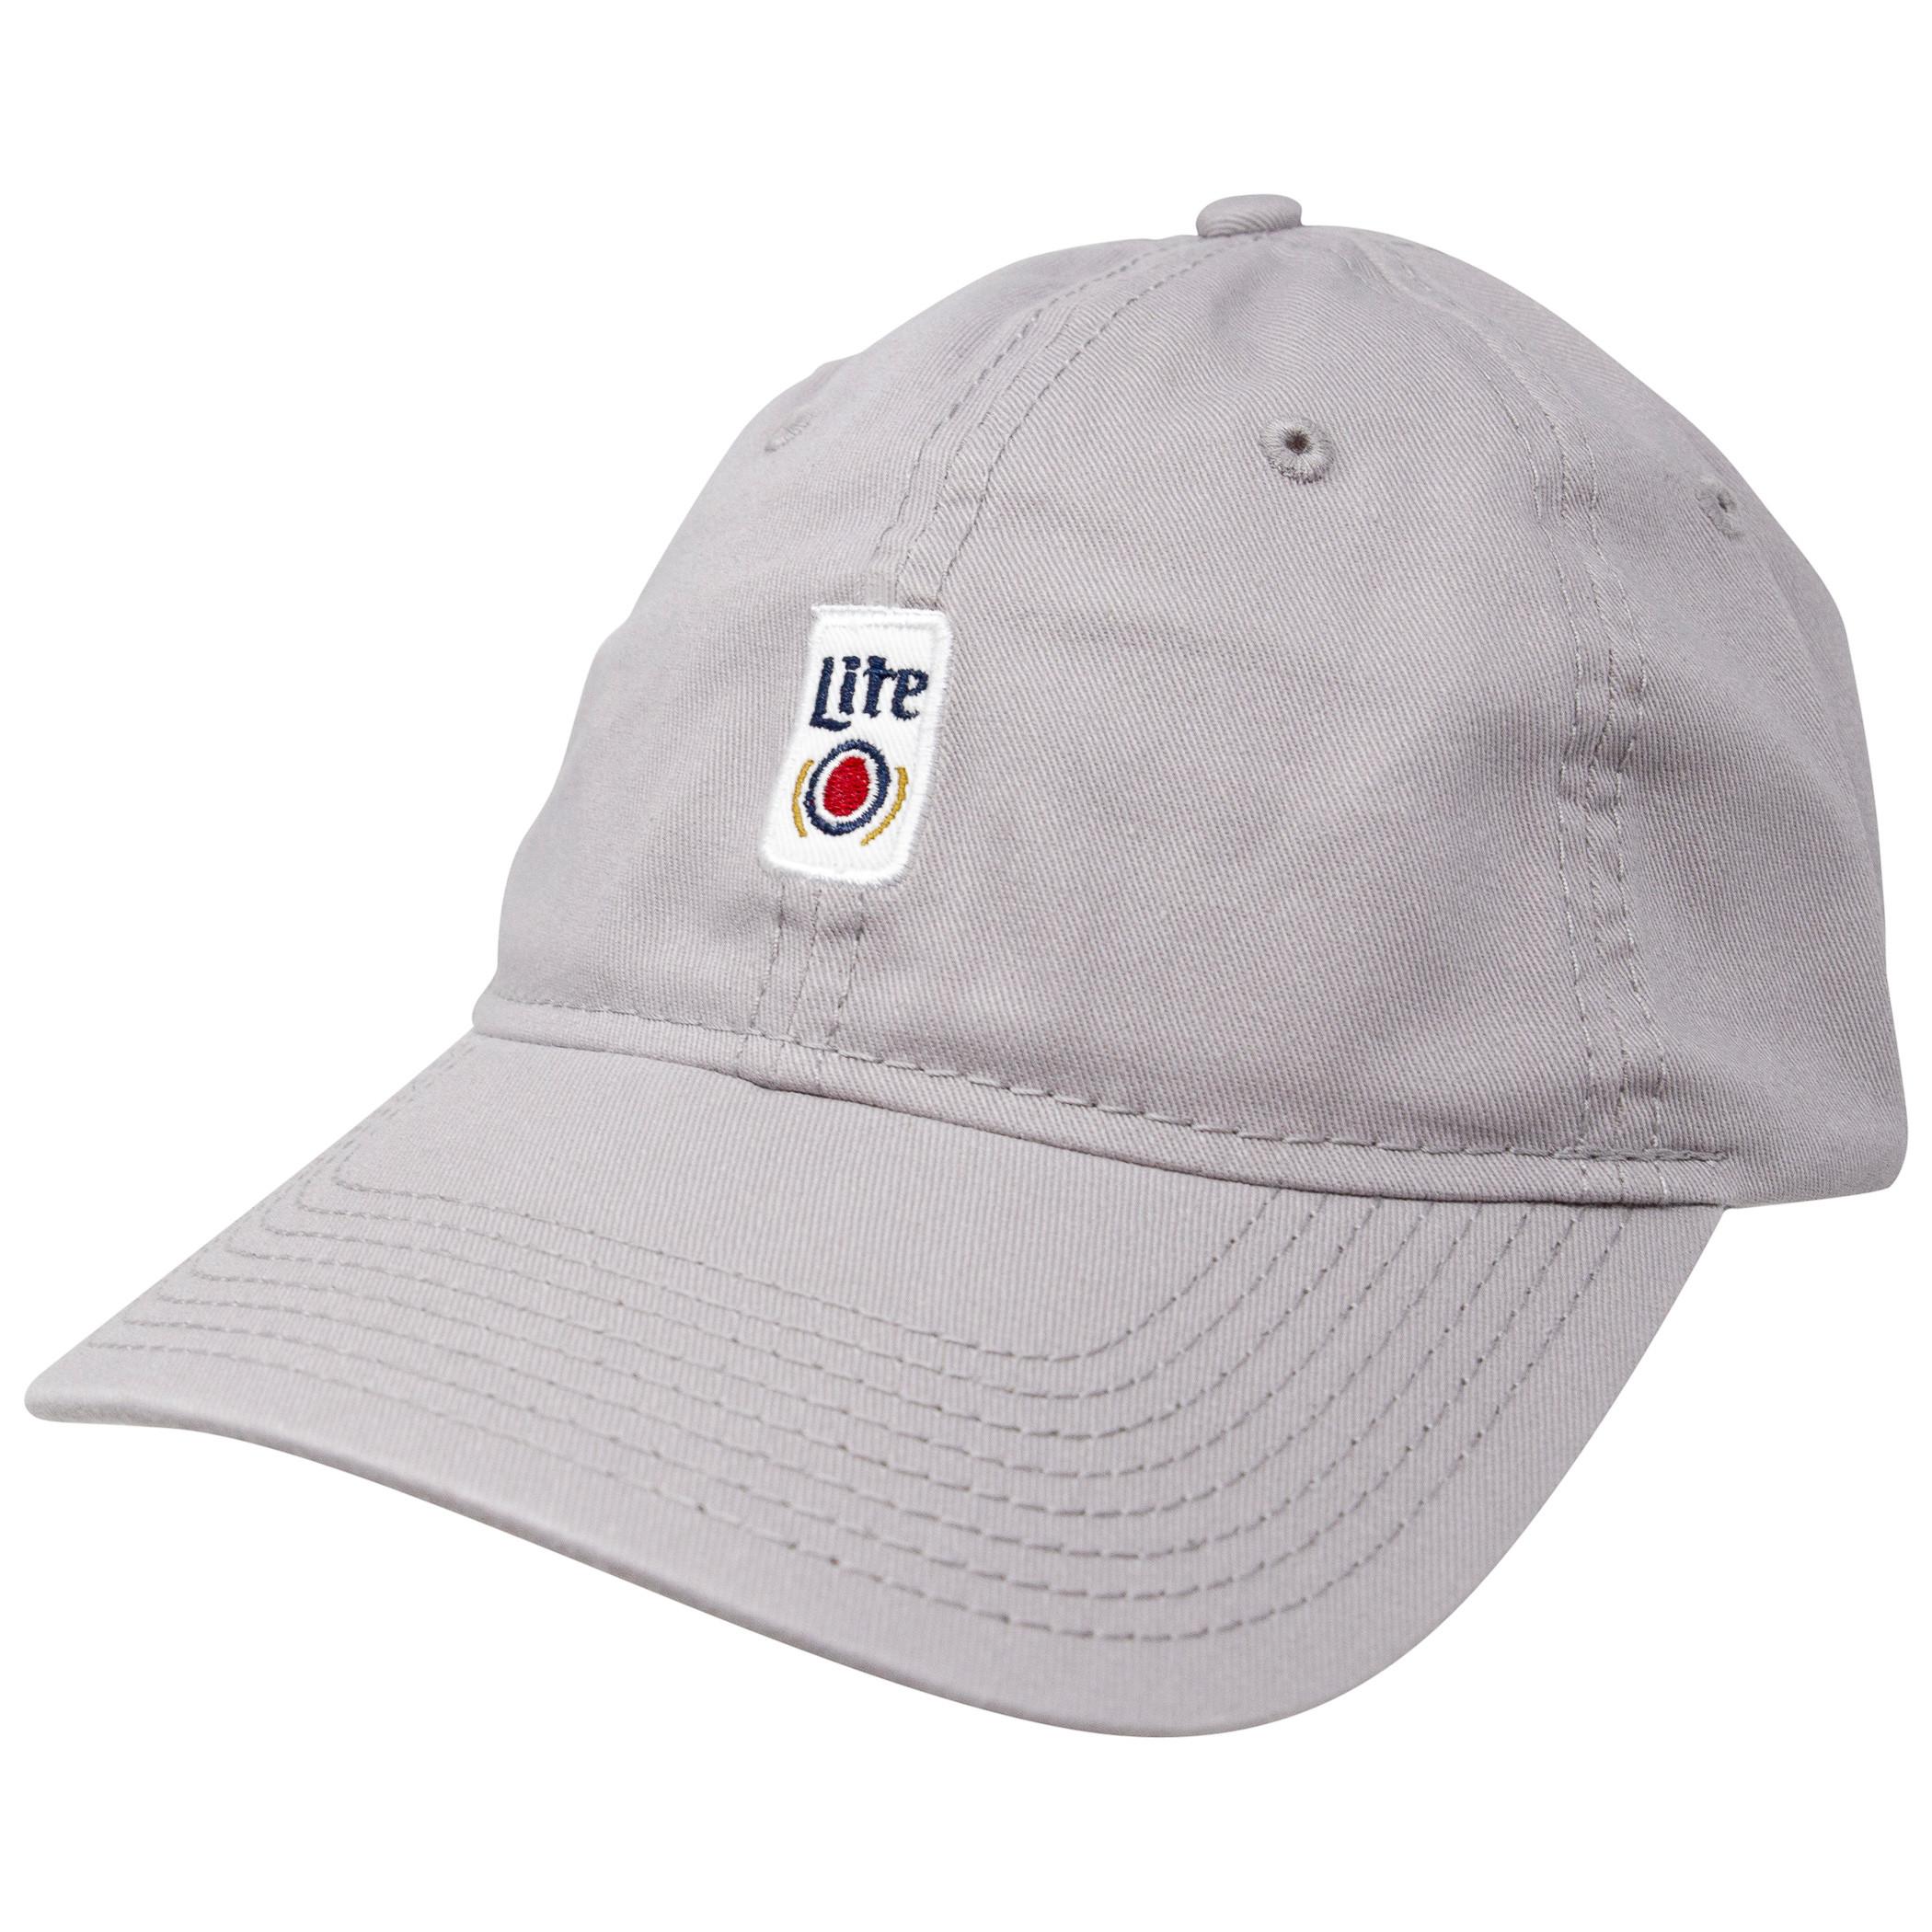 Miller Lite Beer Can Adjustable Strapback Hat